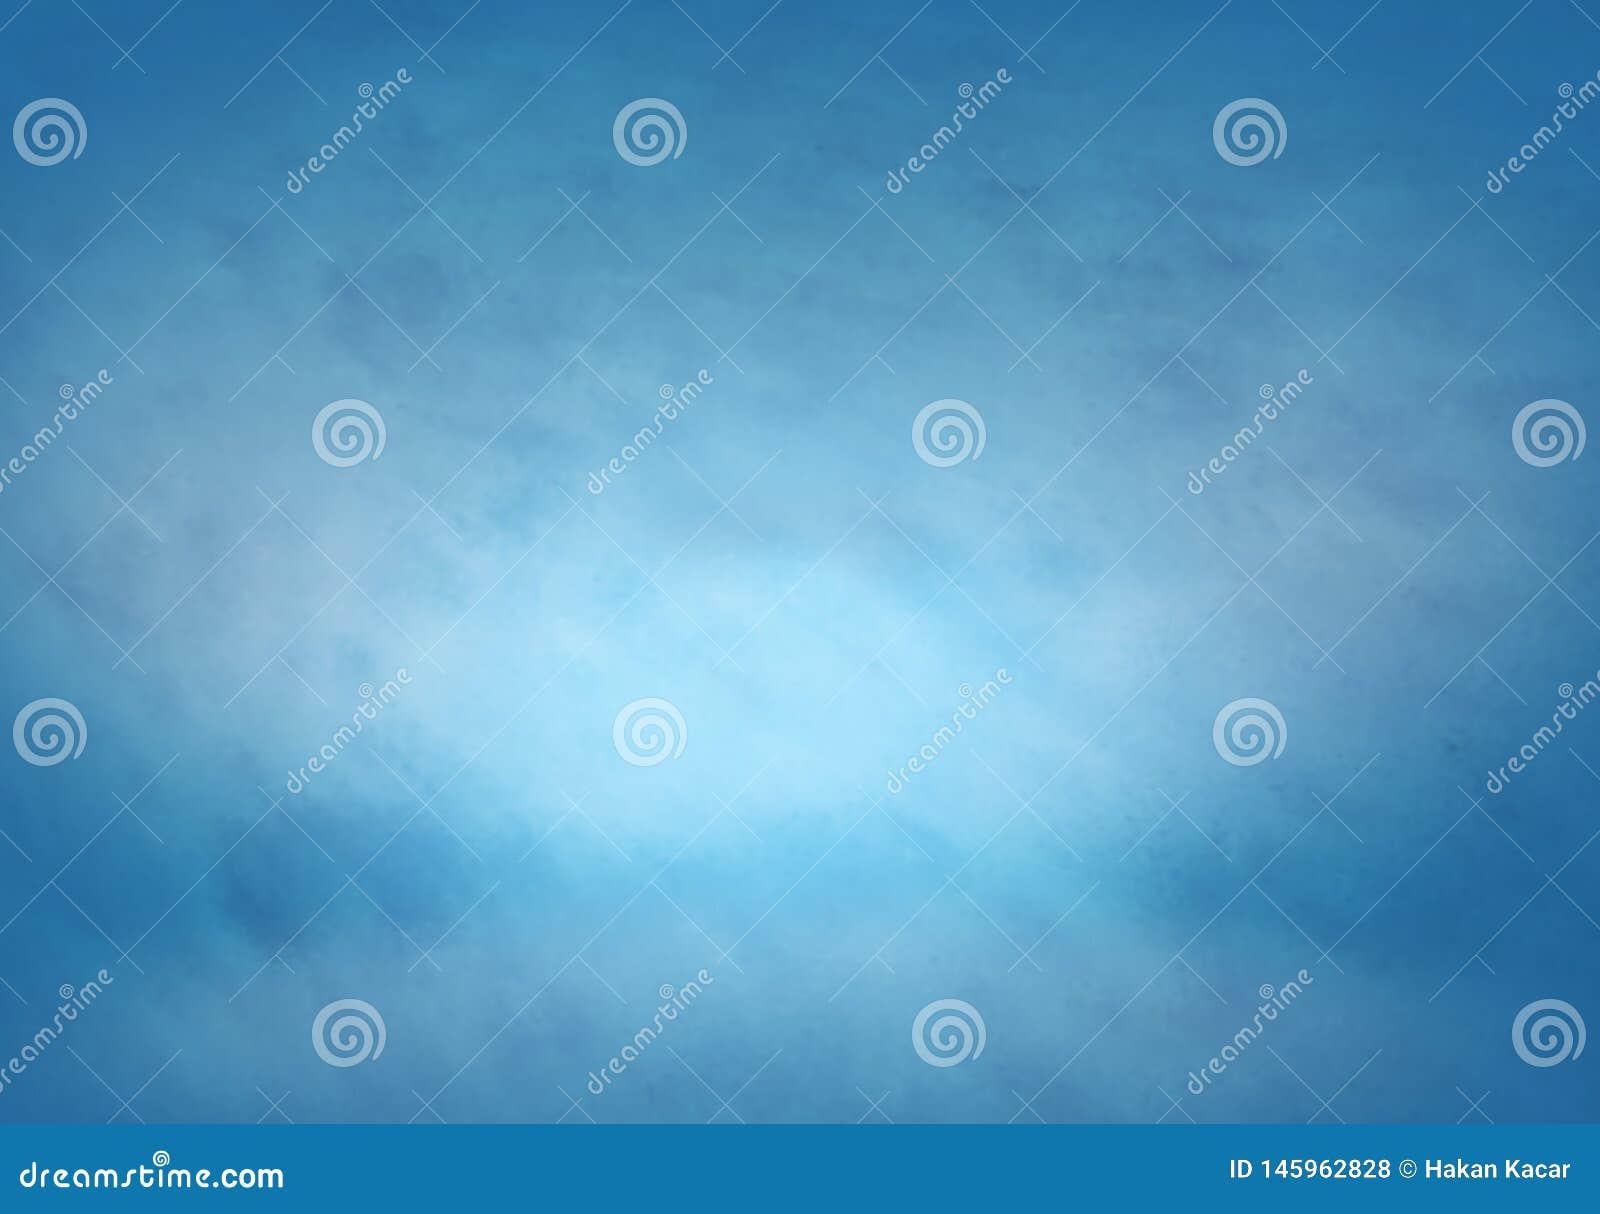 冰蓝色背景,纹理冰